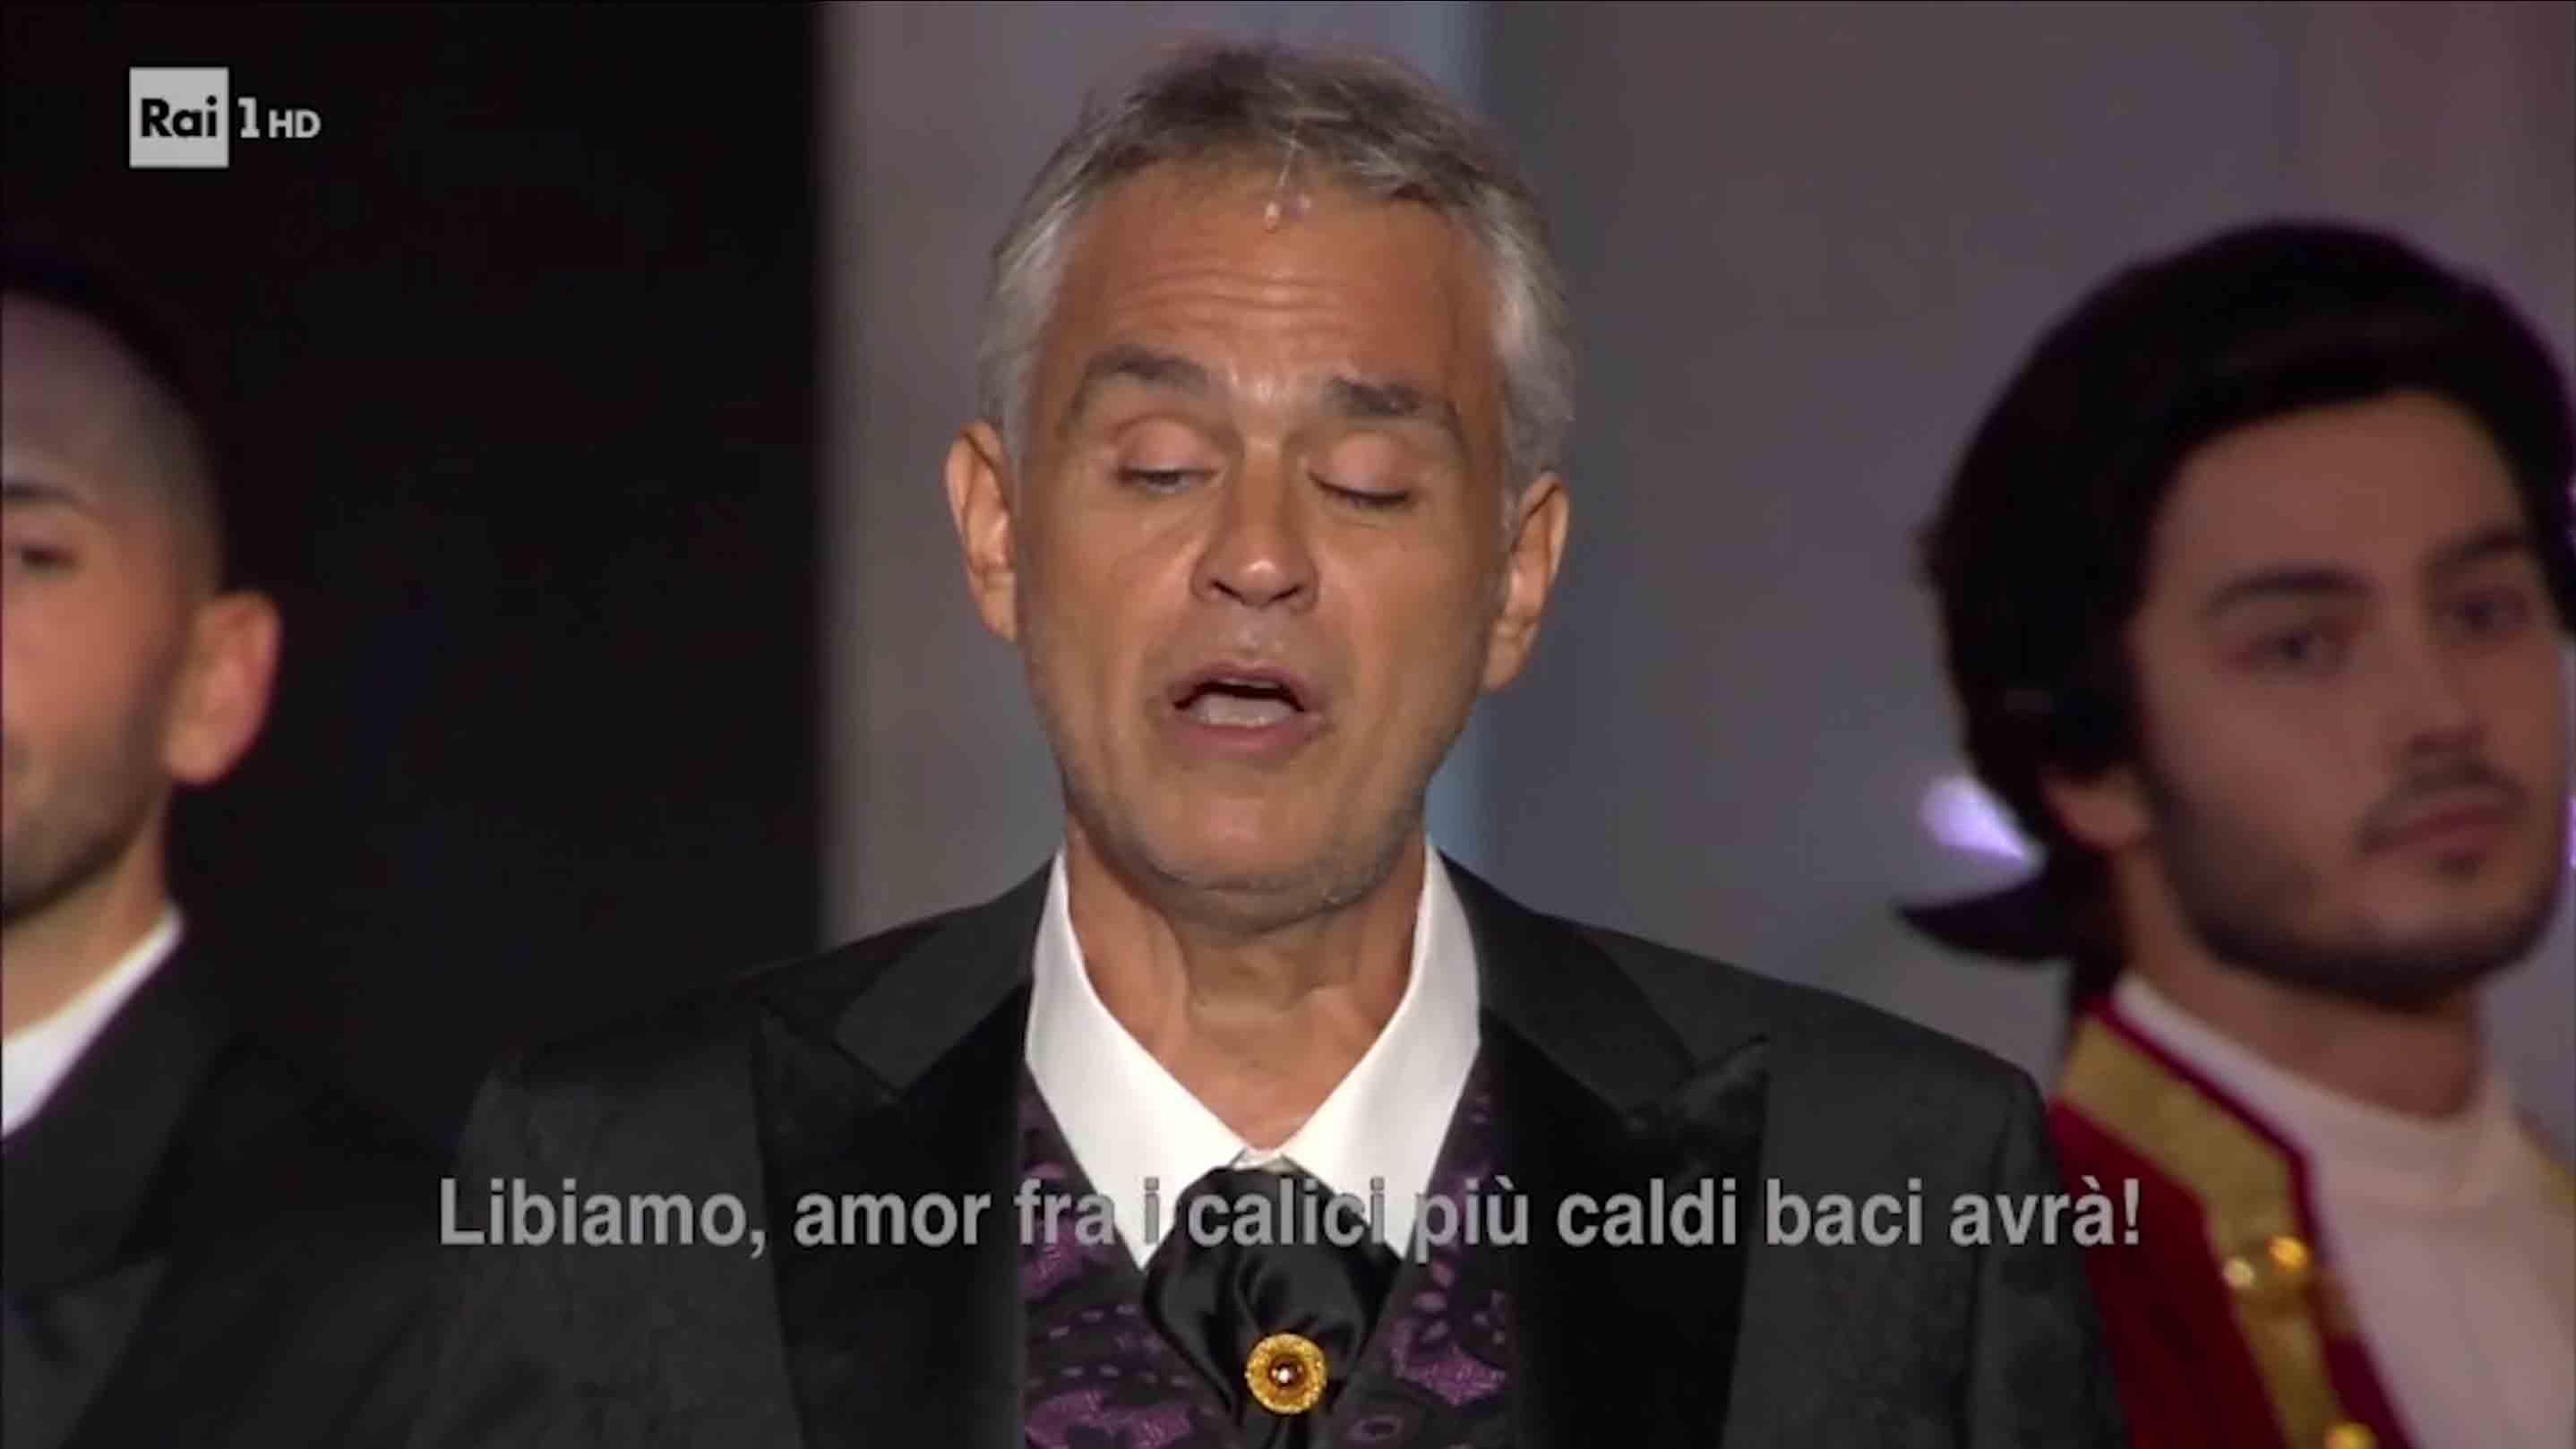 Antonio Polato - La notte di Andrea Bocelli Rai1 Libiamo - Fondazione Arena di Verona 2018